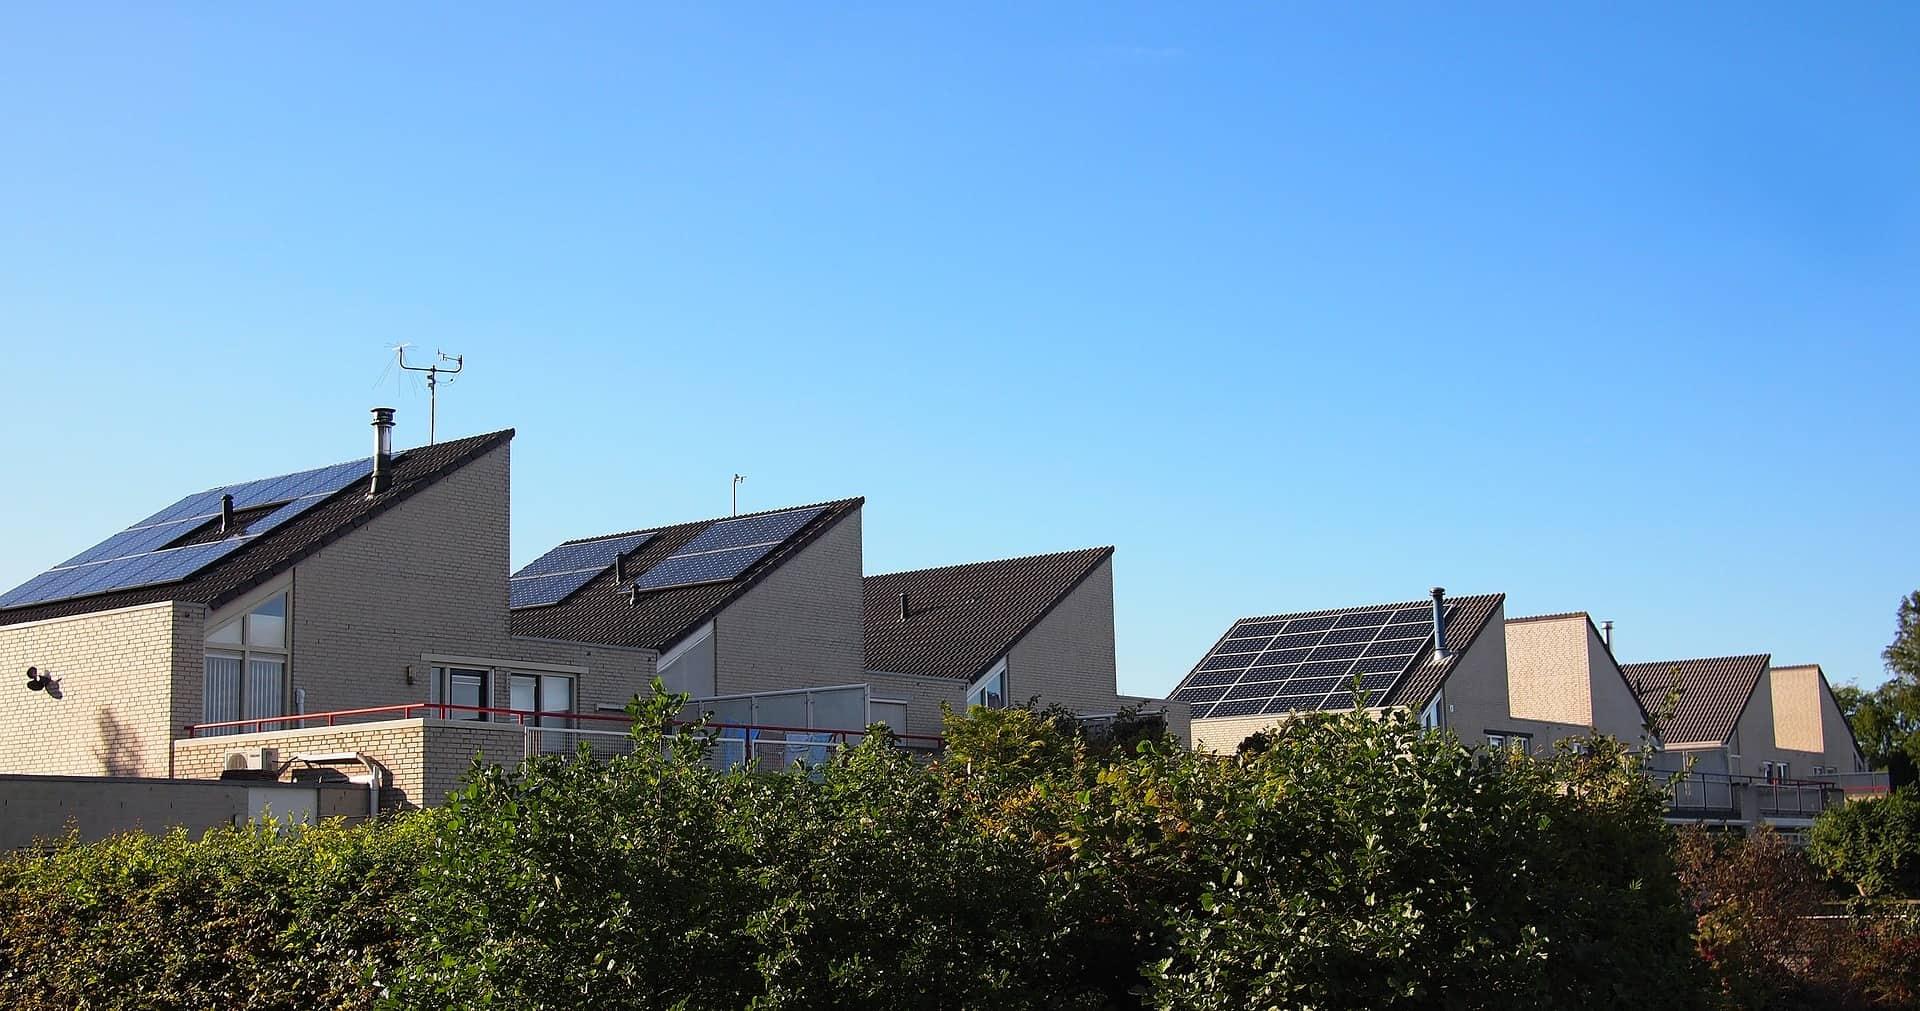 Daken met zonnepanelen in Almere